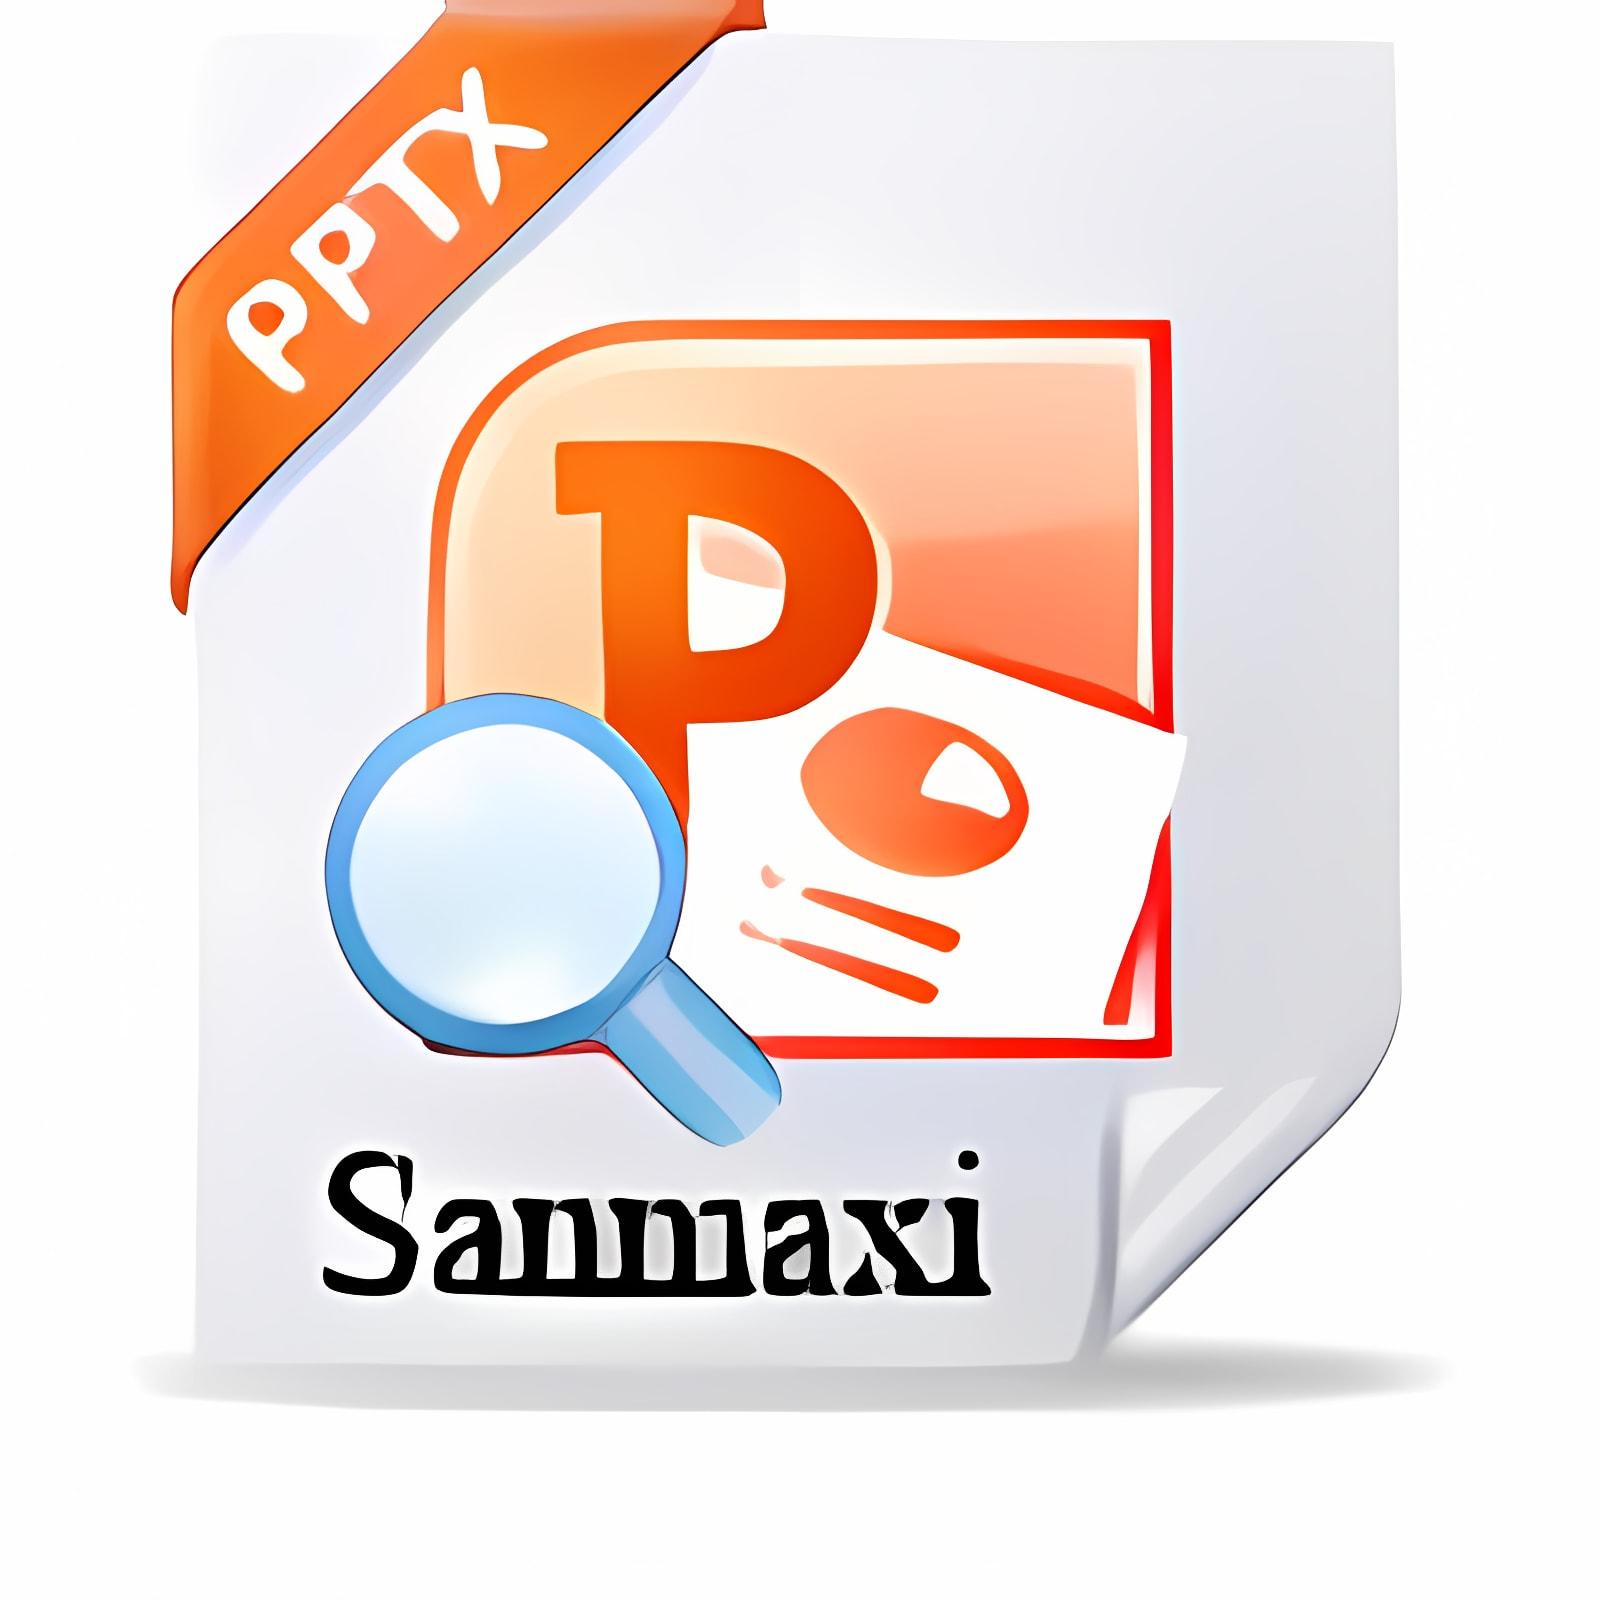 Sanmaxi powerpoint file repair